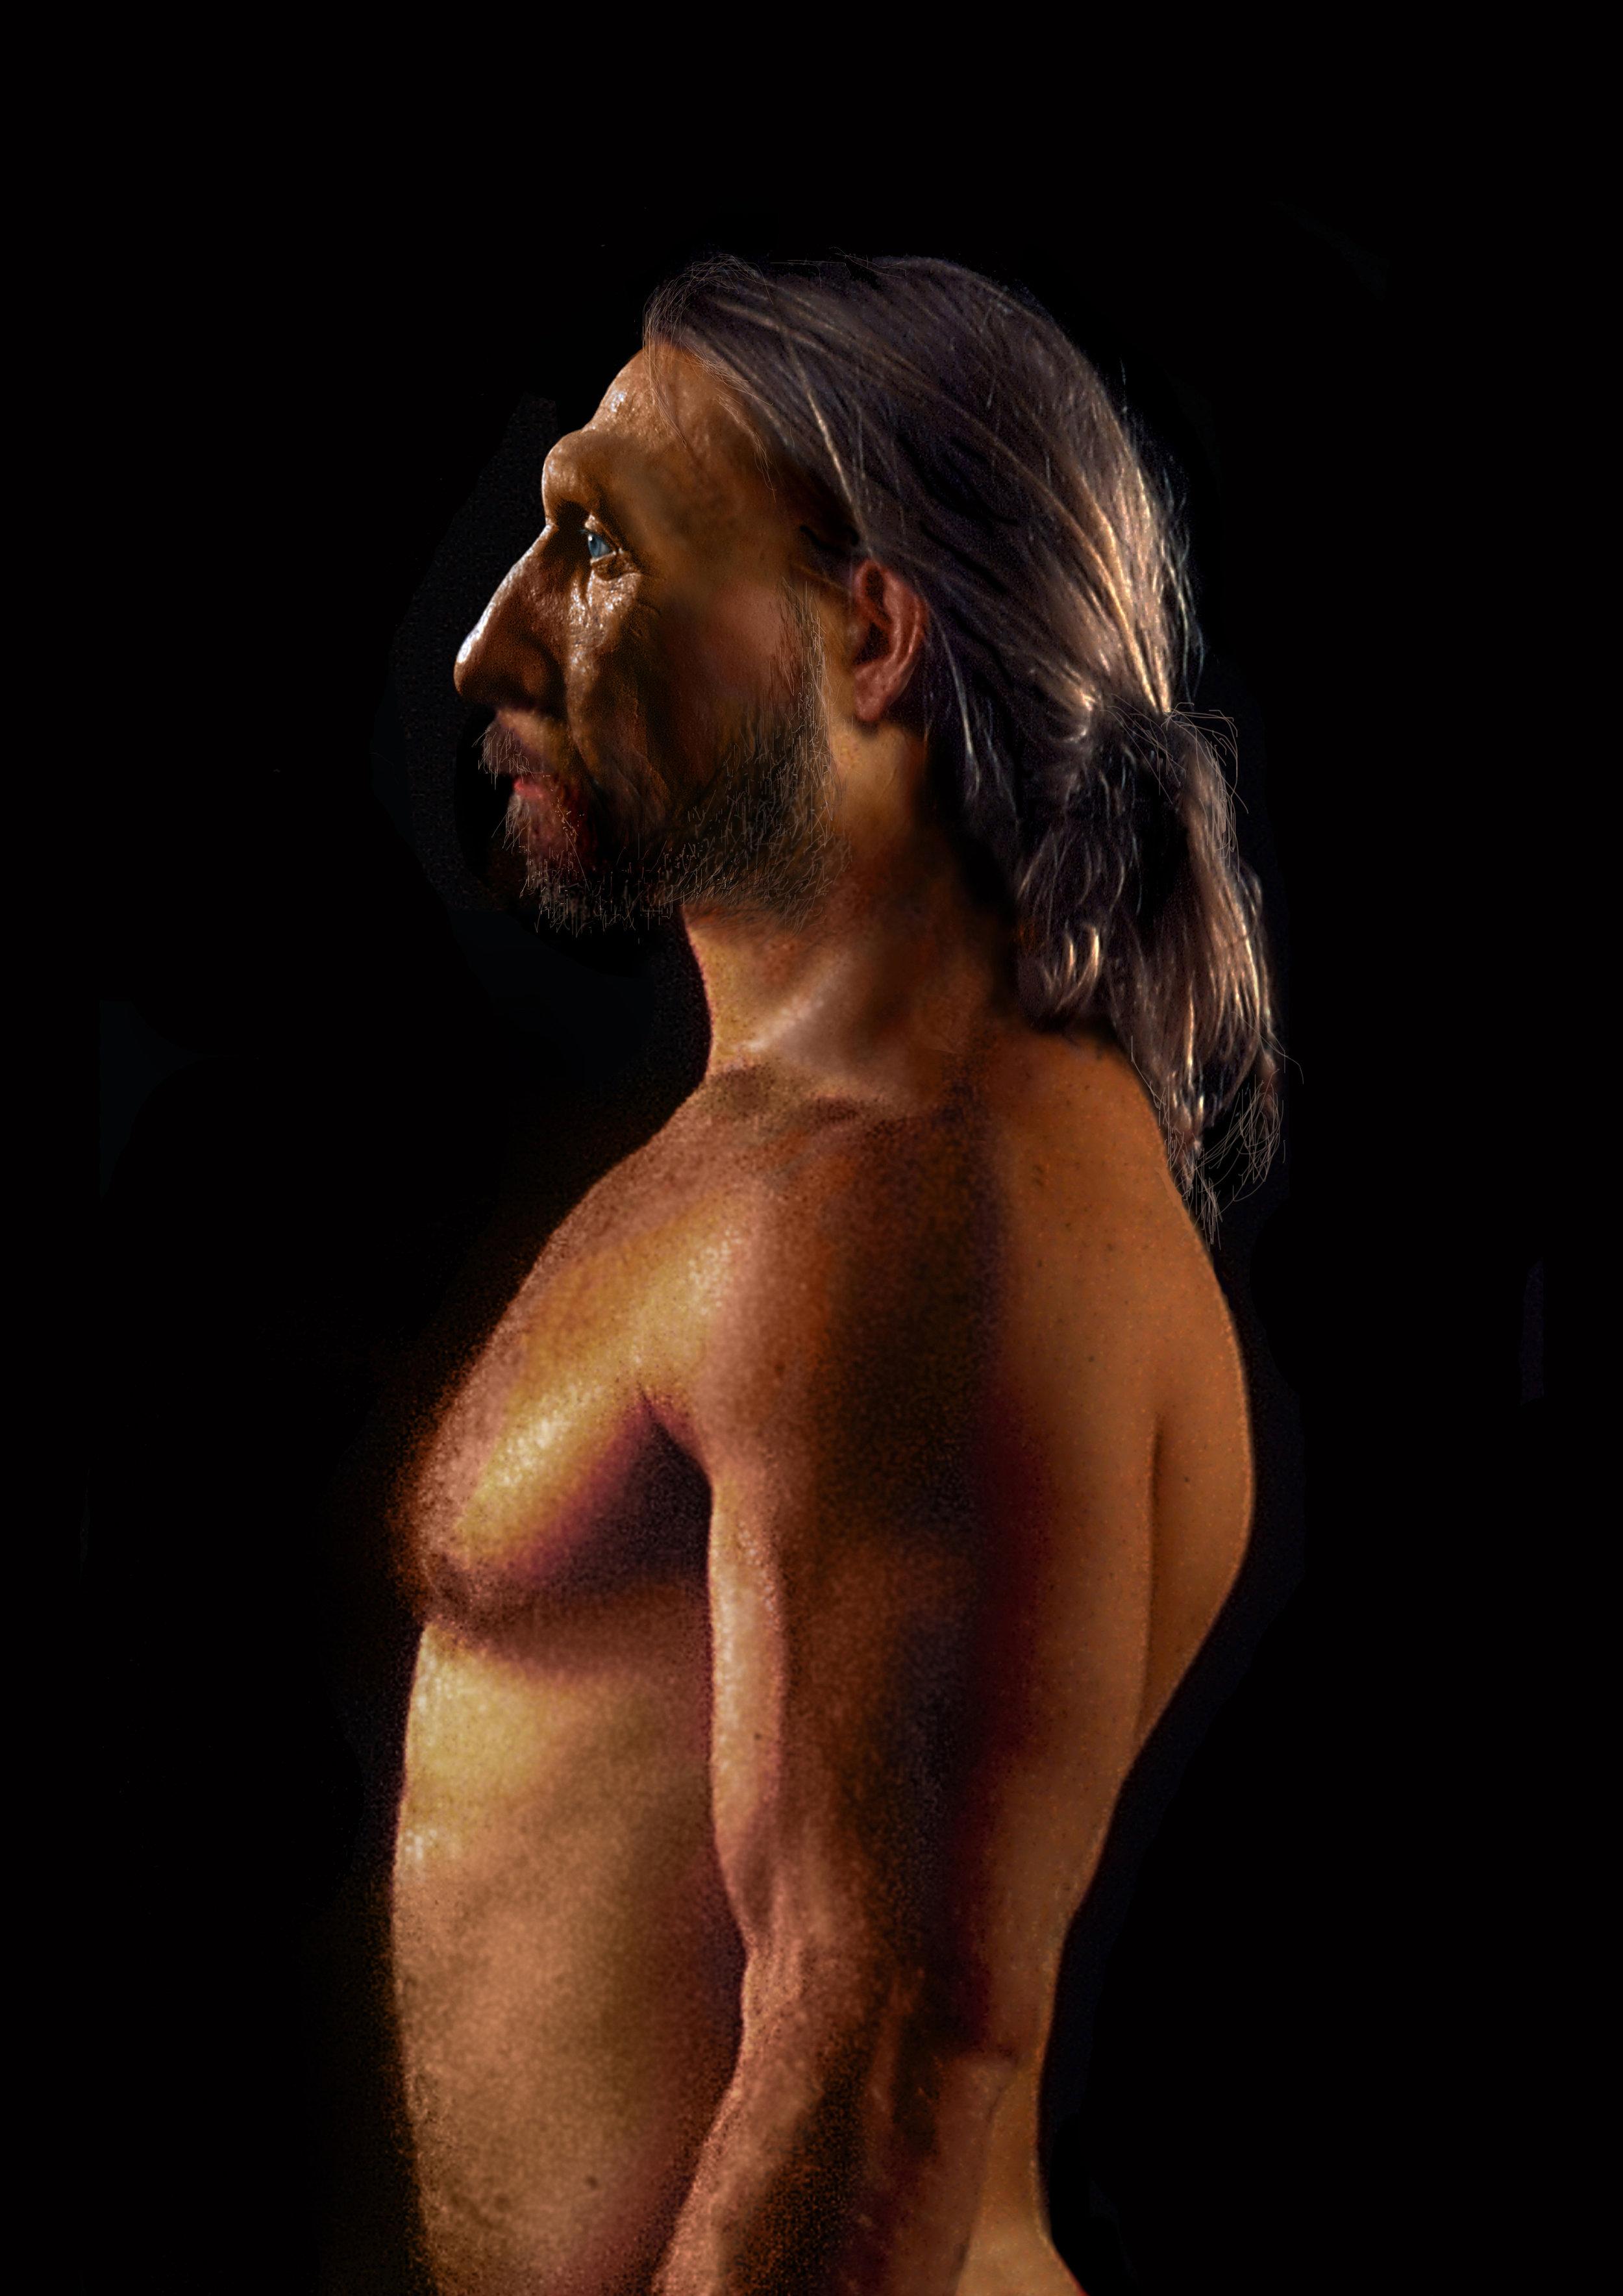 Neandertal male in profile, based on La Ferressie 1.